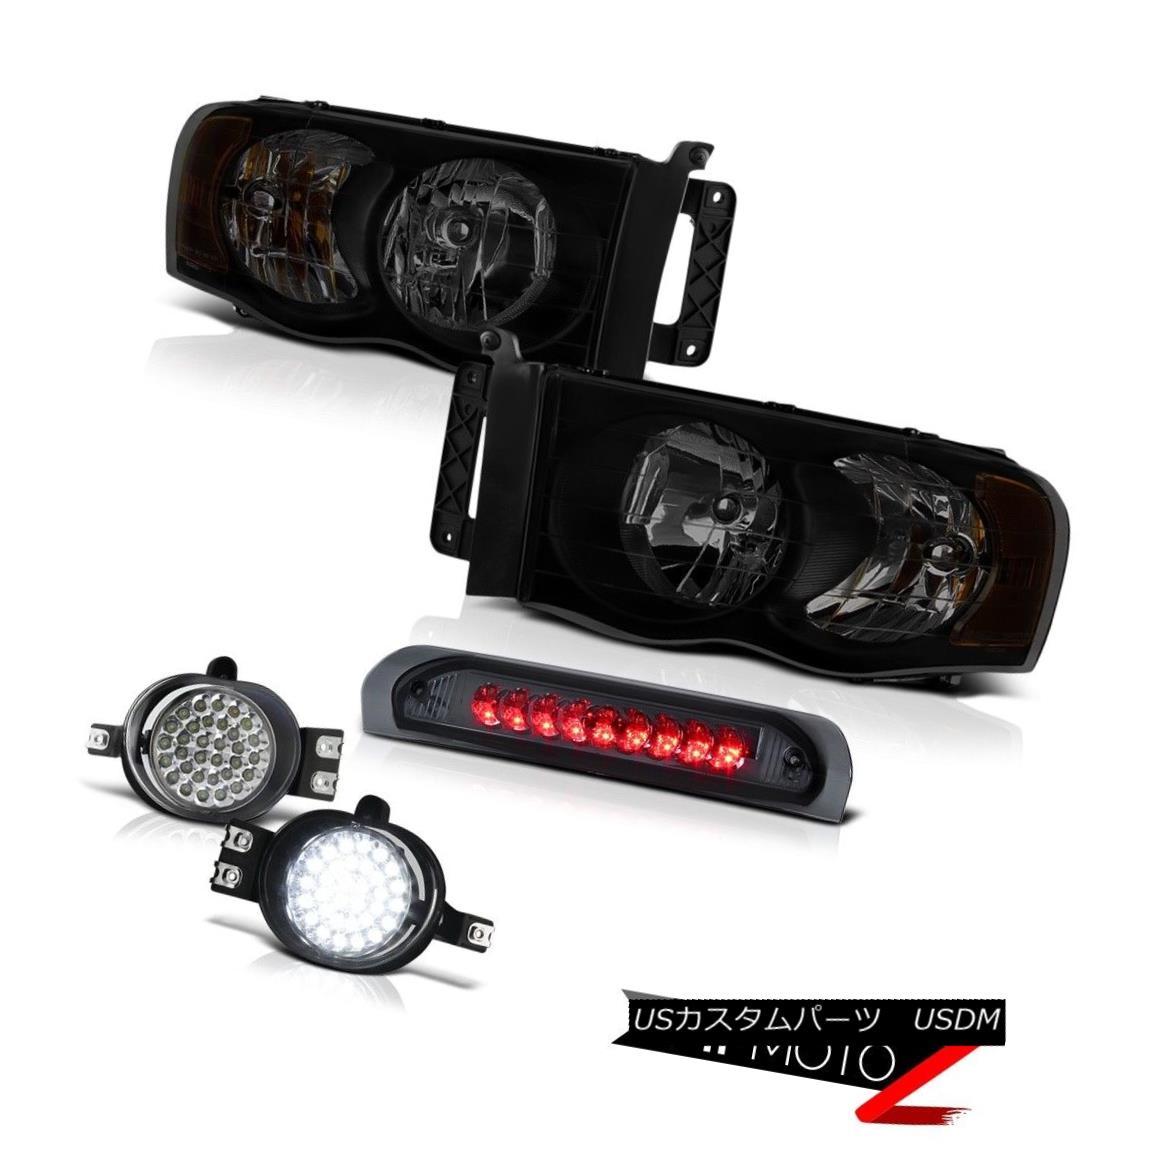 テールライト 02-06 Dodge Ram 1500 2500 4.7L Smoke Tinted Headlamps Fog Lamps Roof Cab Lamp 02-06ダッジラム1500 2500 4.7L煙ランプヘッドランプ霧ランプルーフキャブランプ